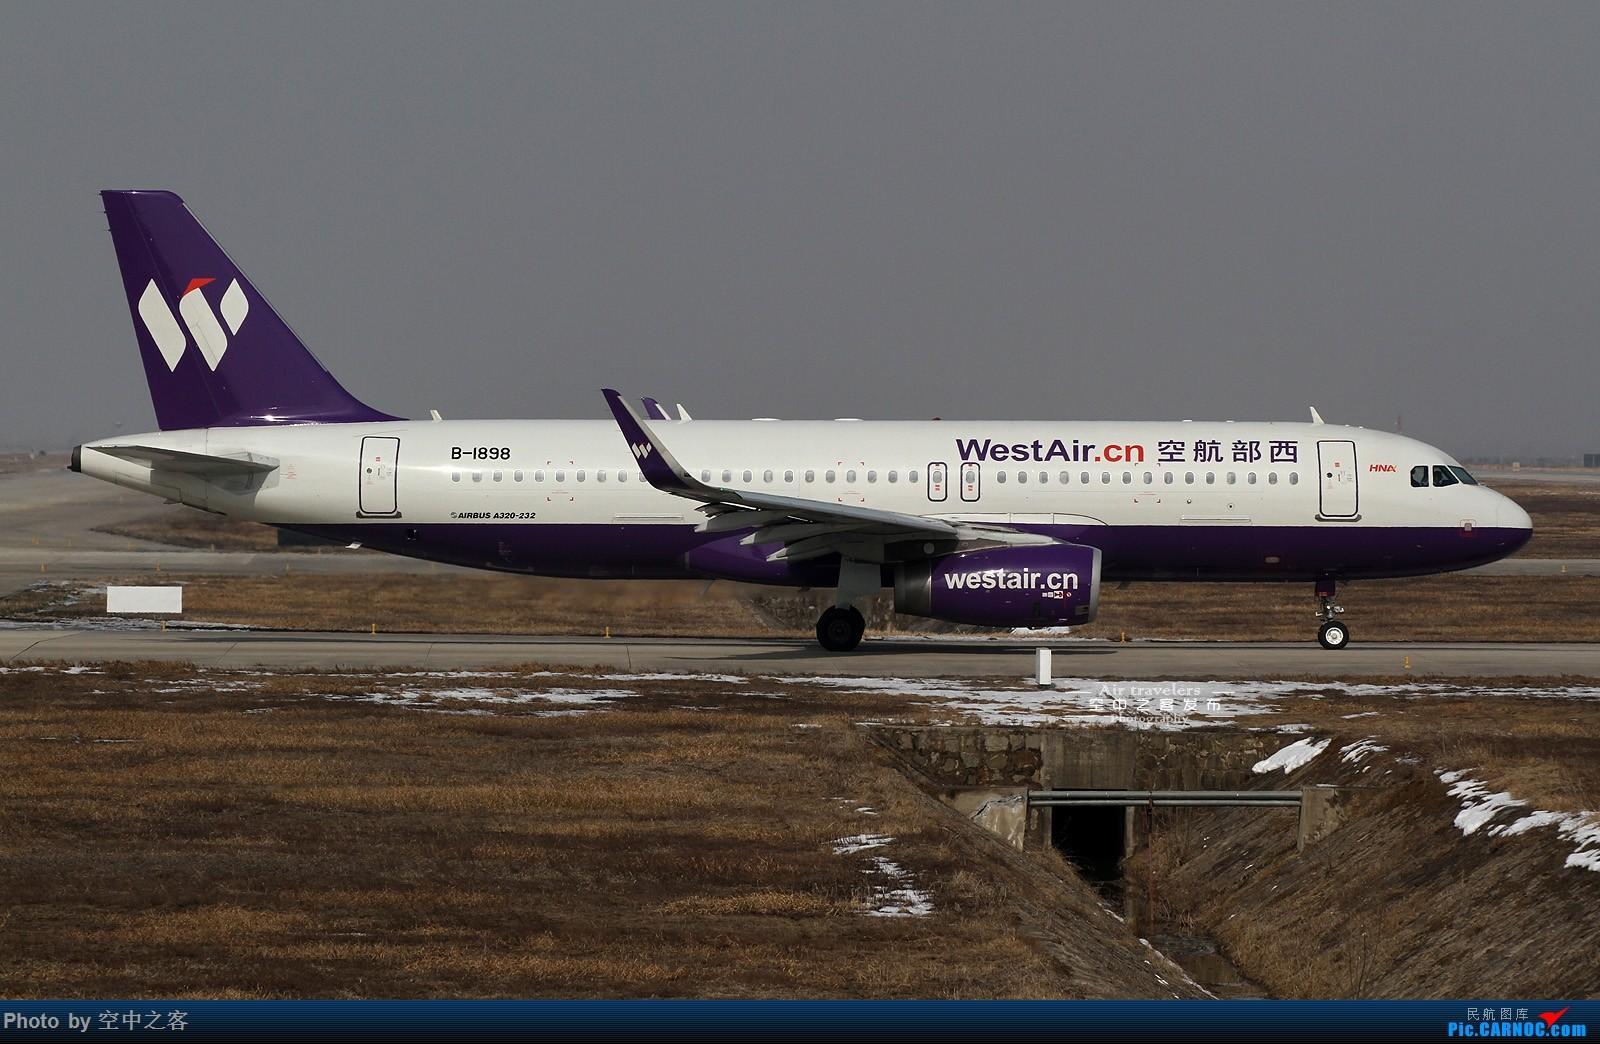 Re:[原创][合肥飞友会-霸都打机队 空中之客发布]2018立春·首次拍机活动 AIRBUS A320-200 B-1898 合肥新桥国际机场